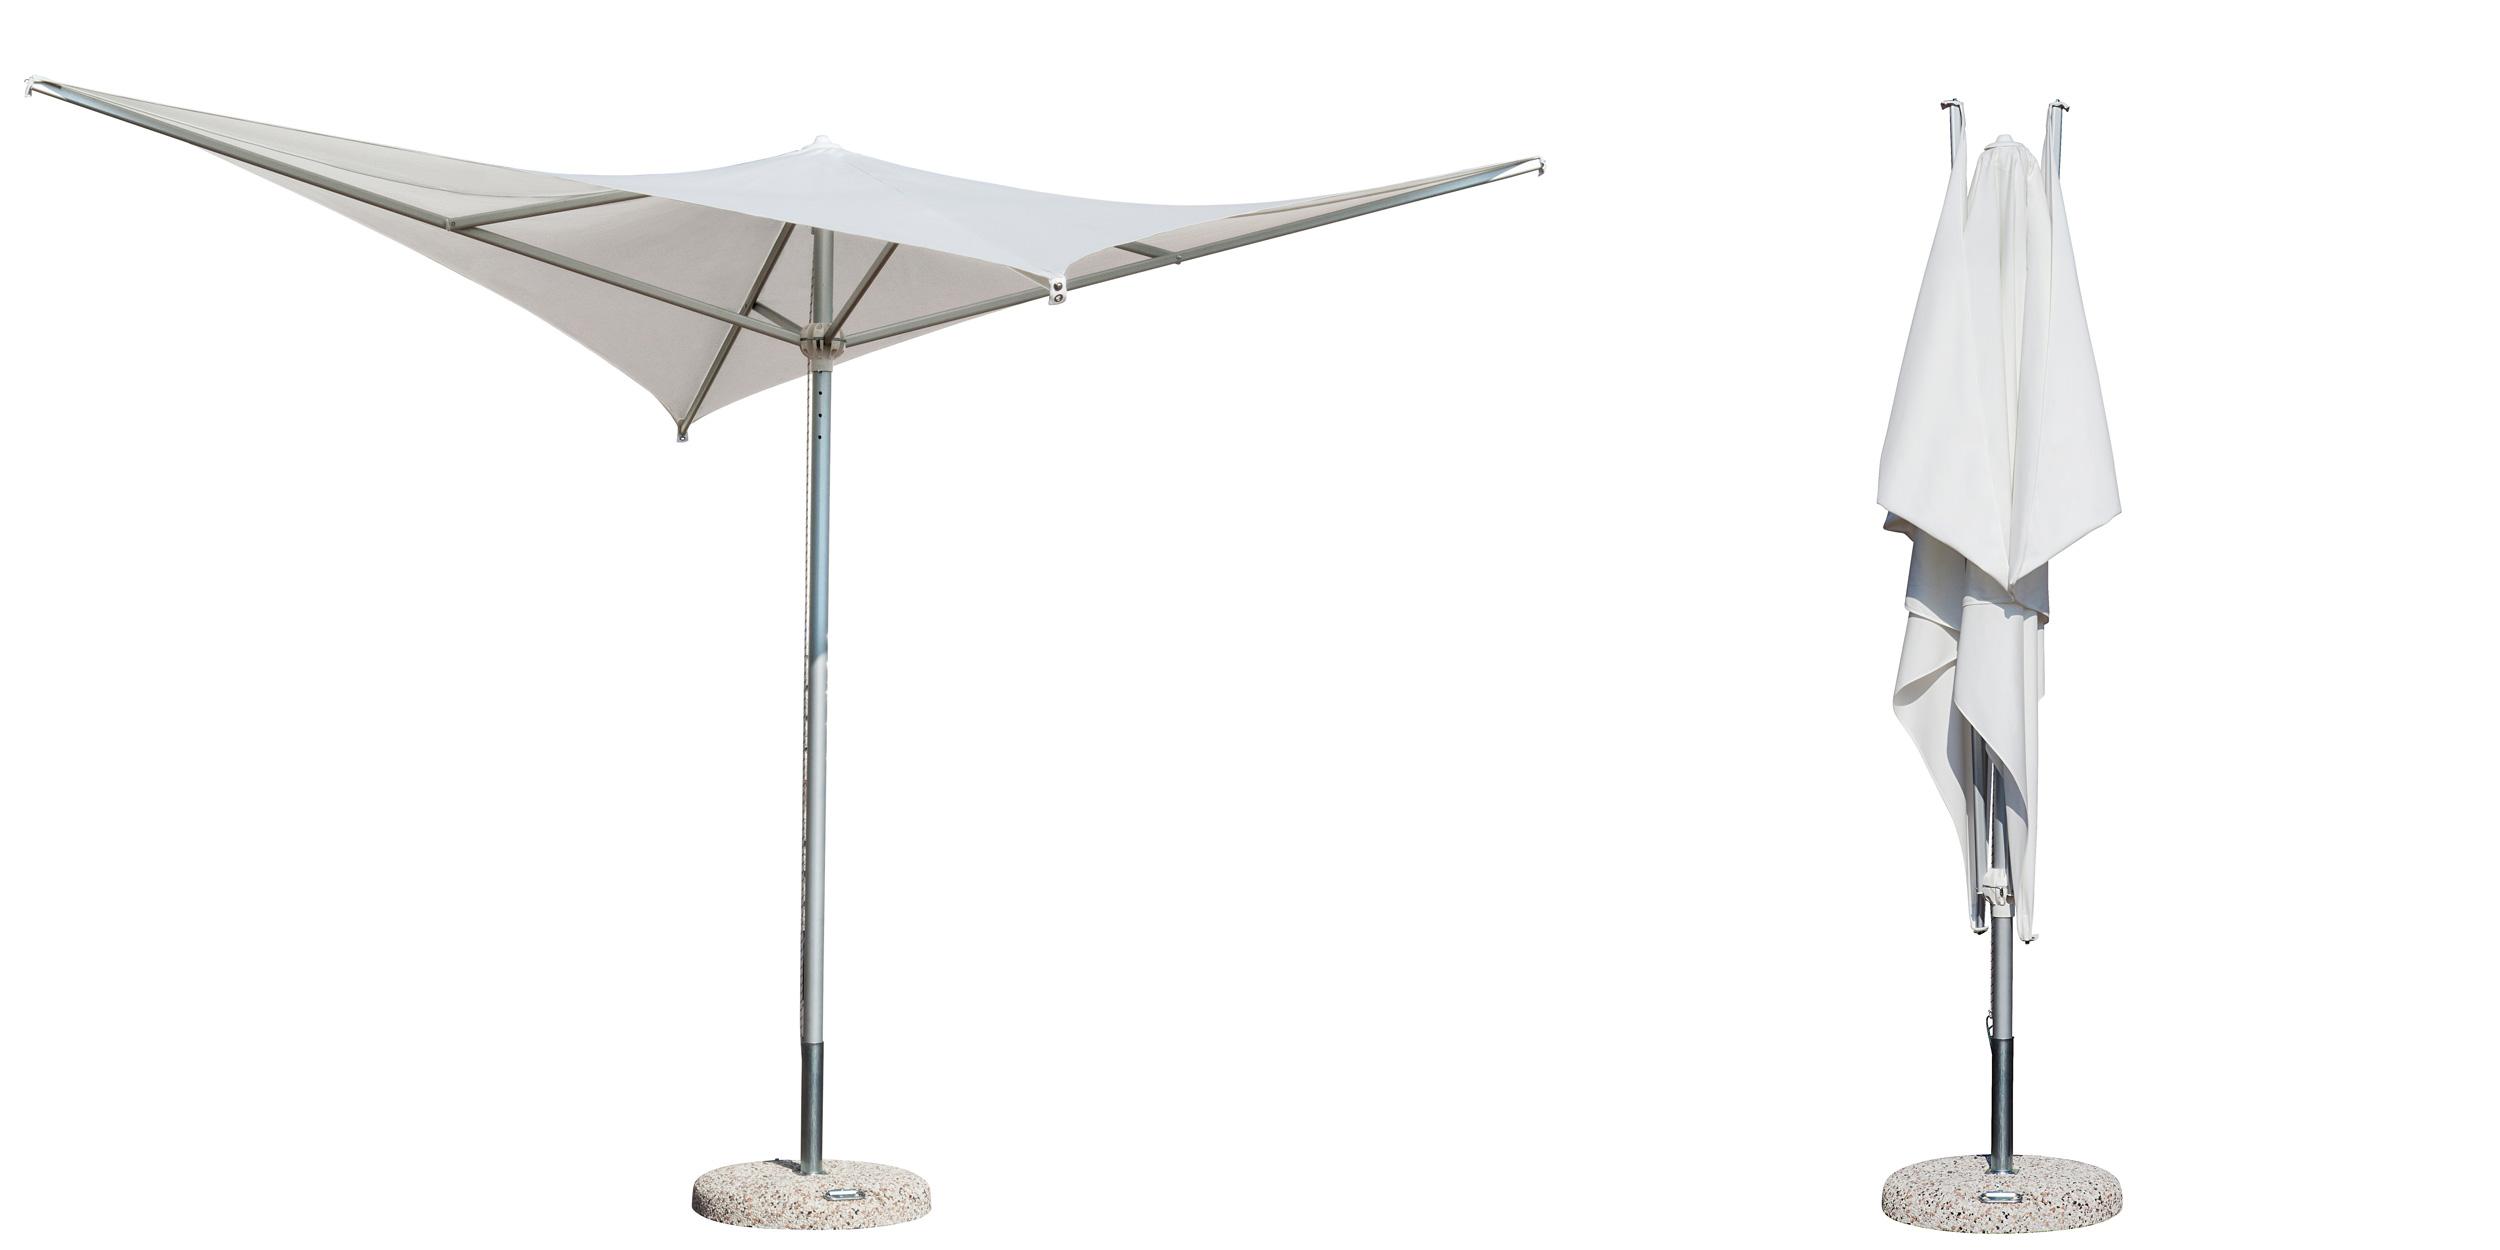 Ombrelloni Da Giardino Mantova.Alluminio Vela Design Architettonico E Sinuoso